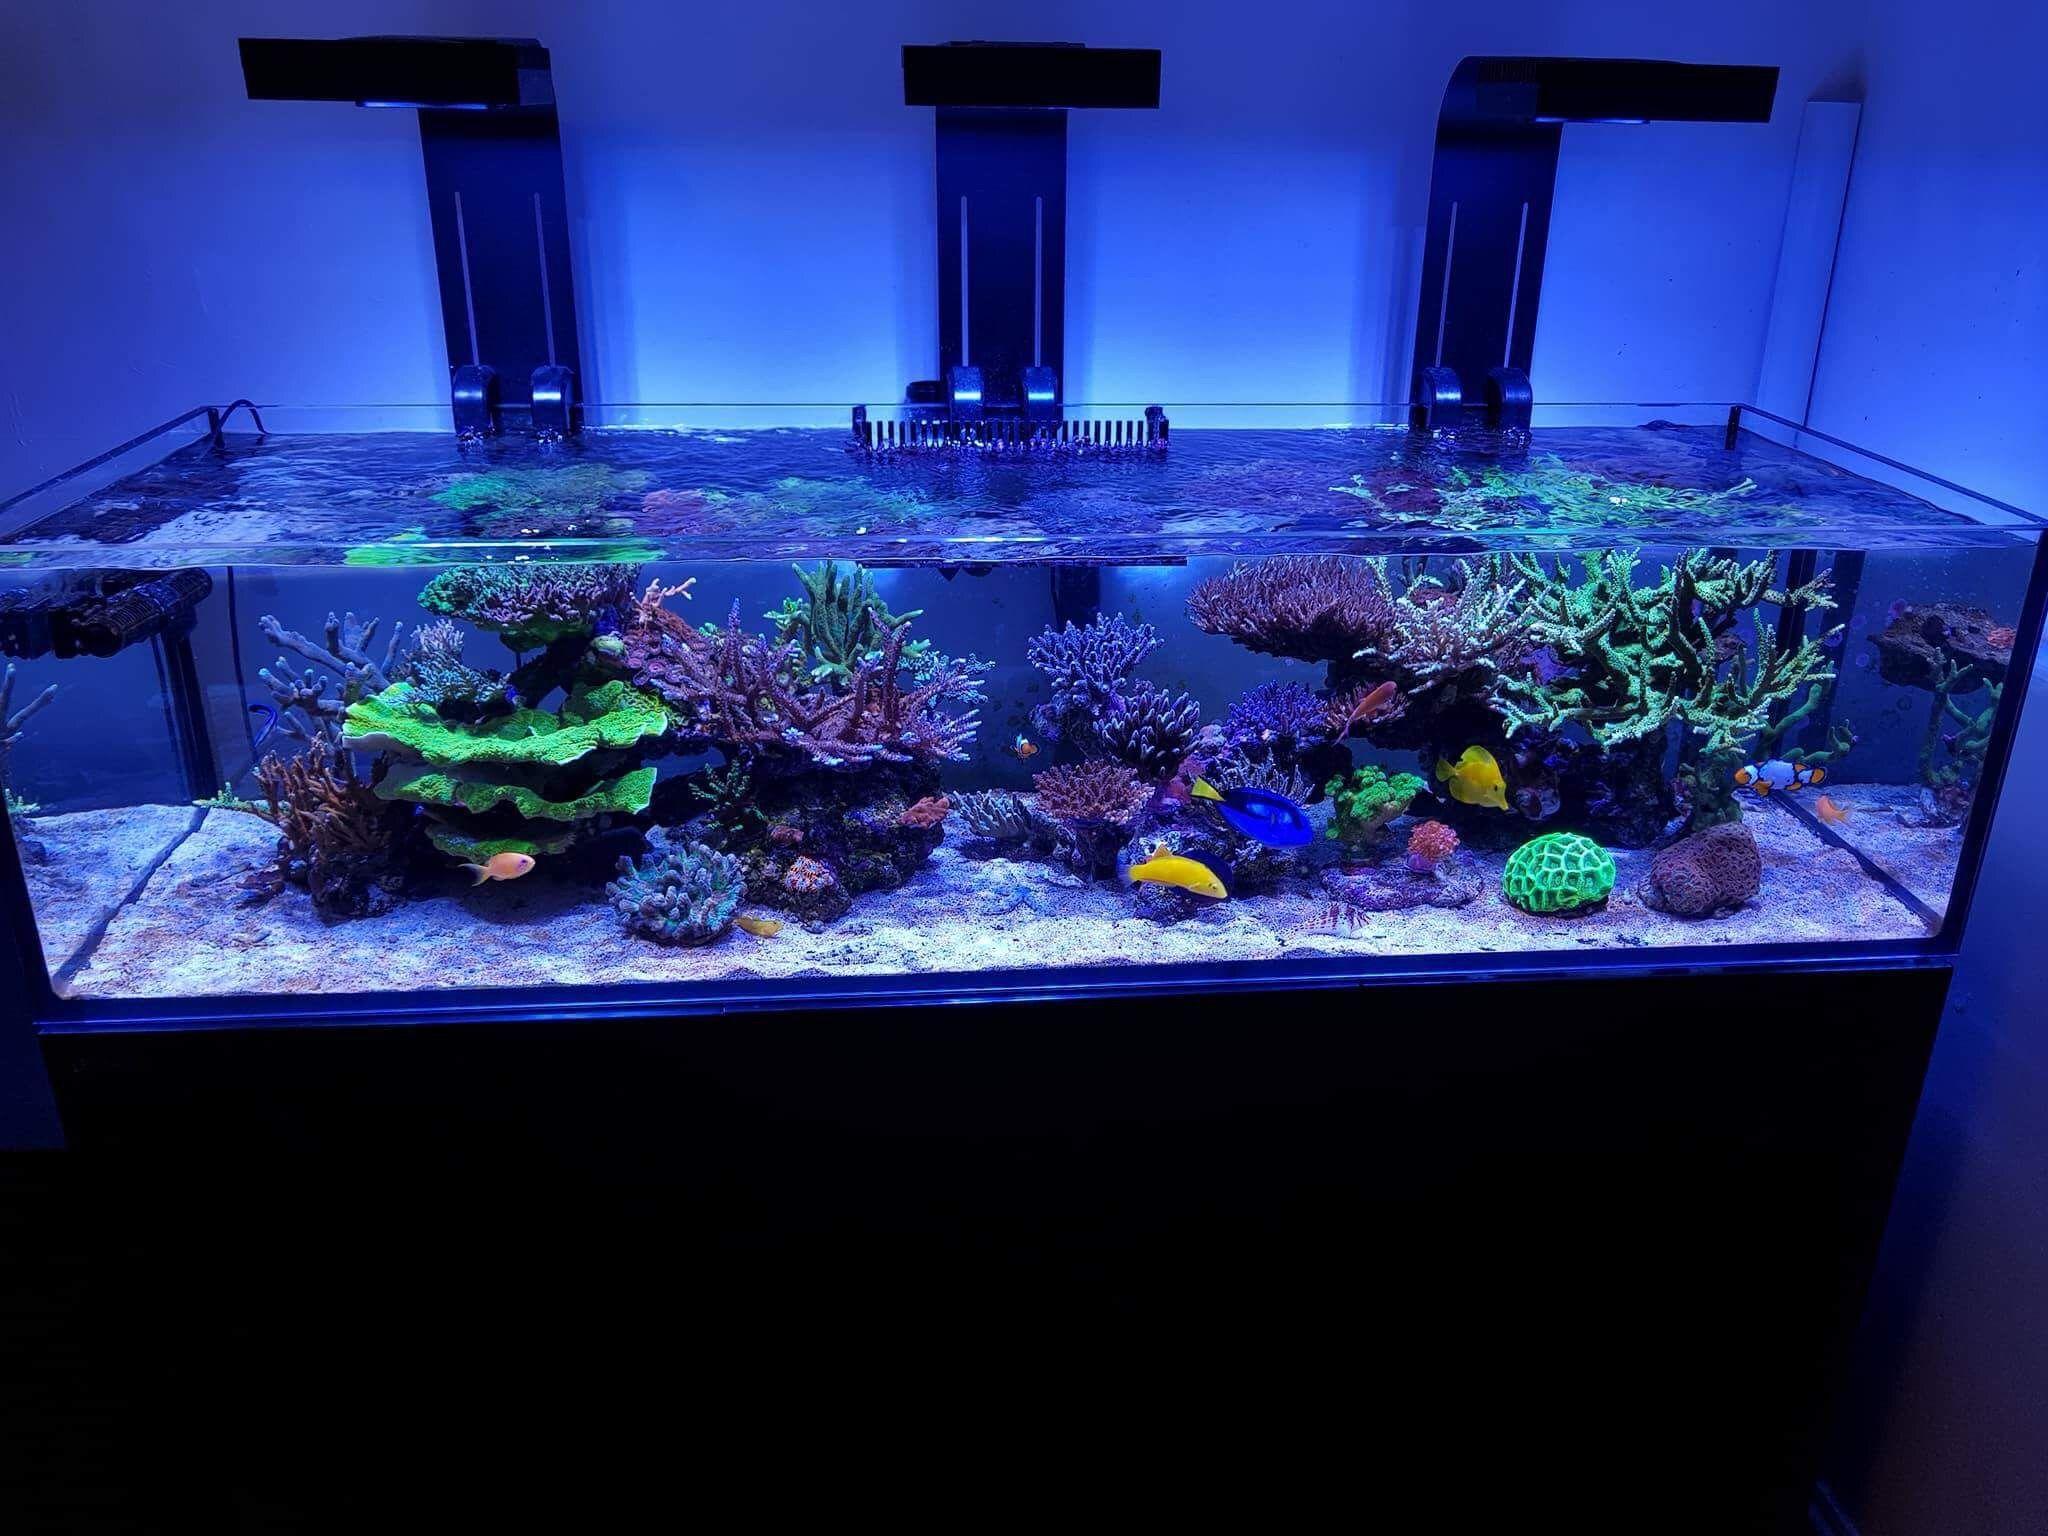 494364142d9a7580c05275f5d8d6556a Frais De Aquarium Recifal Complet Concept